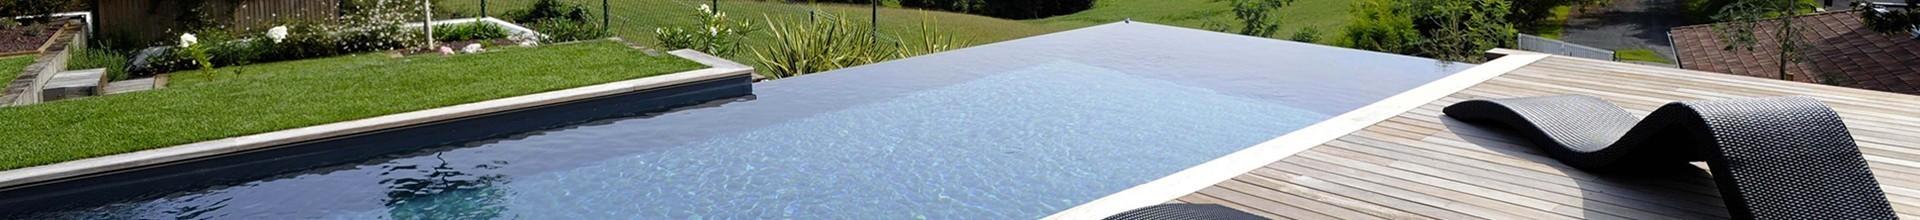 Direct usine, piscine coque prix Seine-Maritime